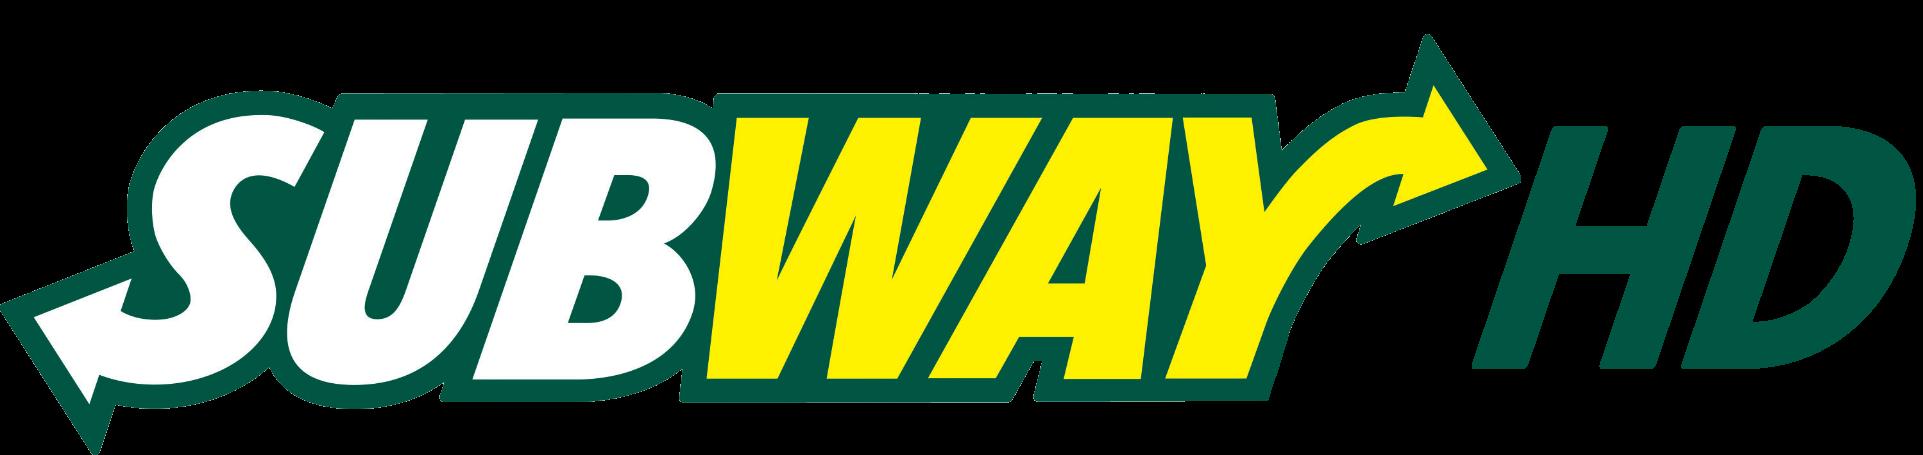 Subway HD | Dream Logos Wiki | FANDOM powered by Wikia